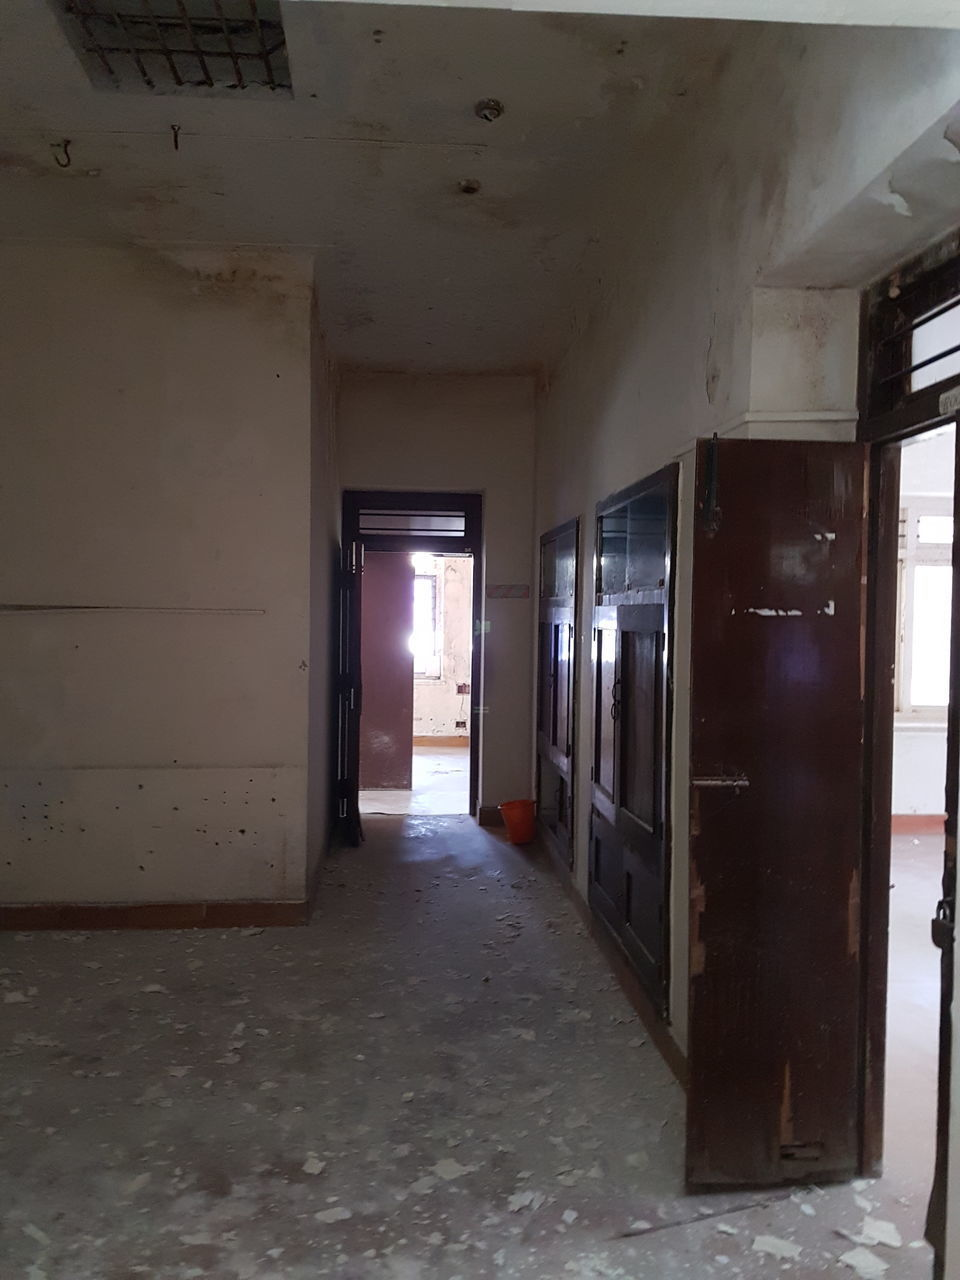 indoors, corridor, empty, door, abandoned, open, architecture, built structure, no people, day